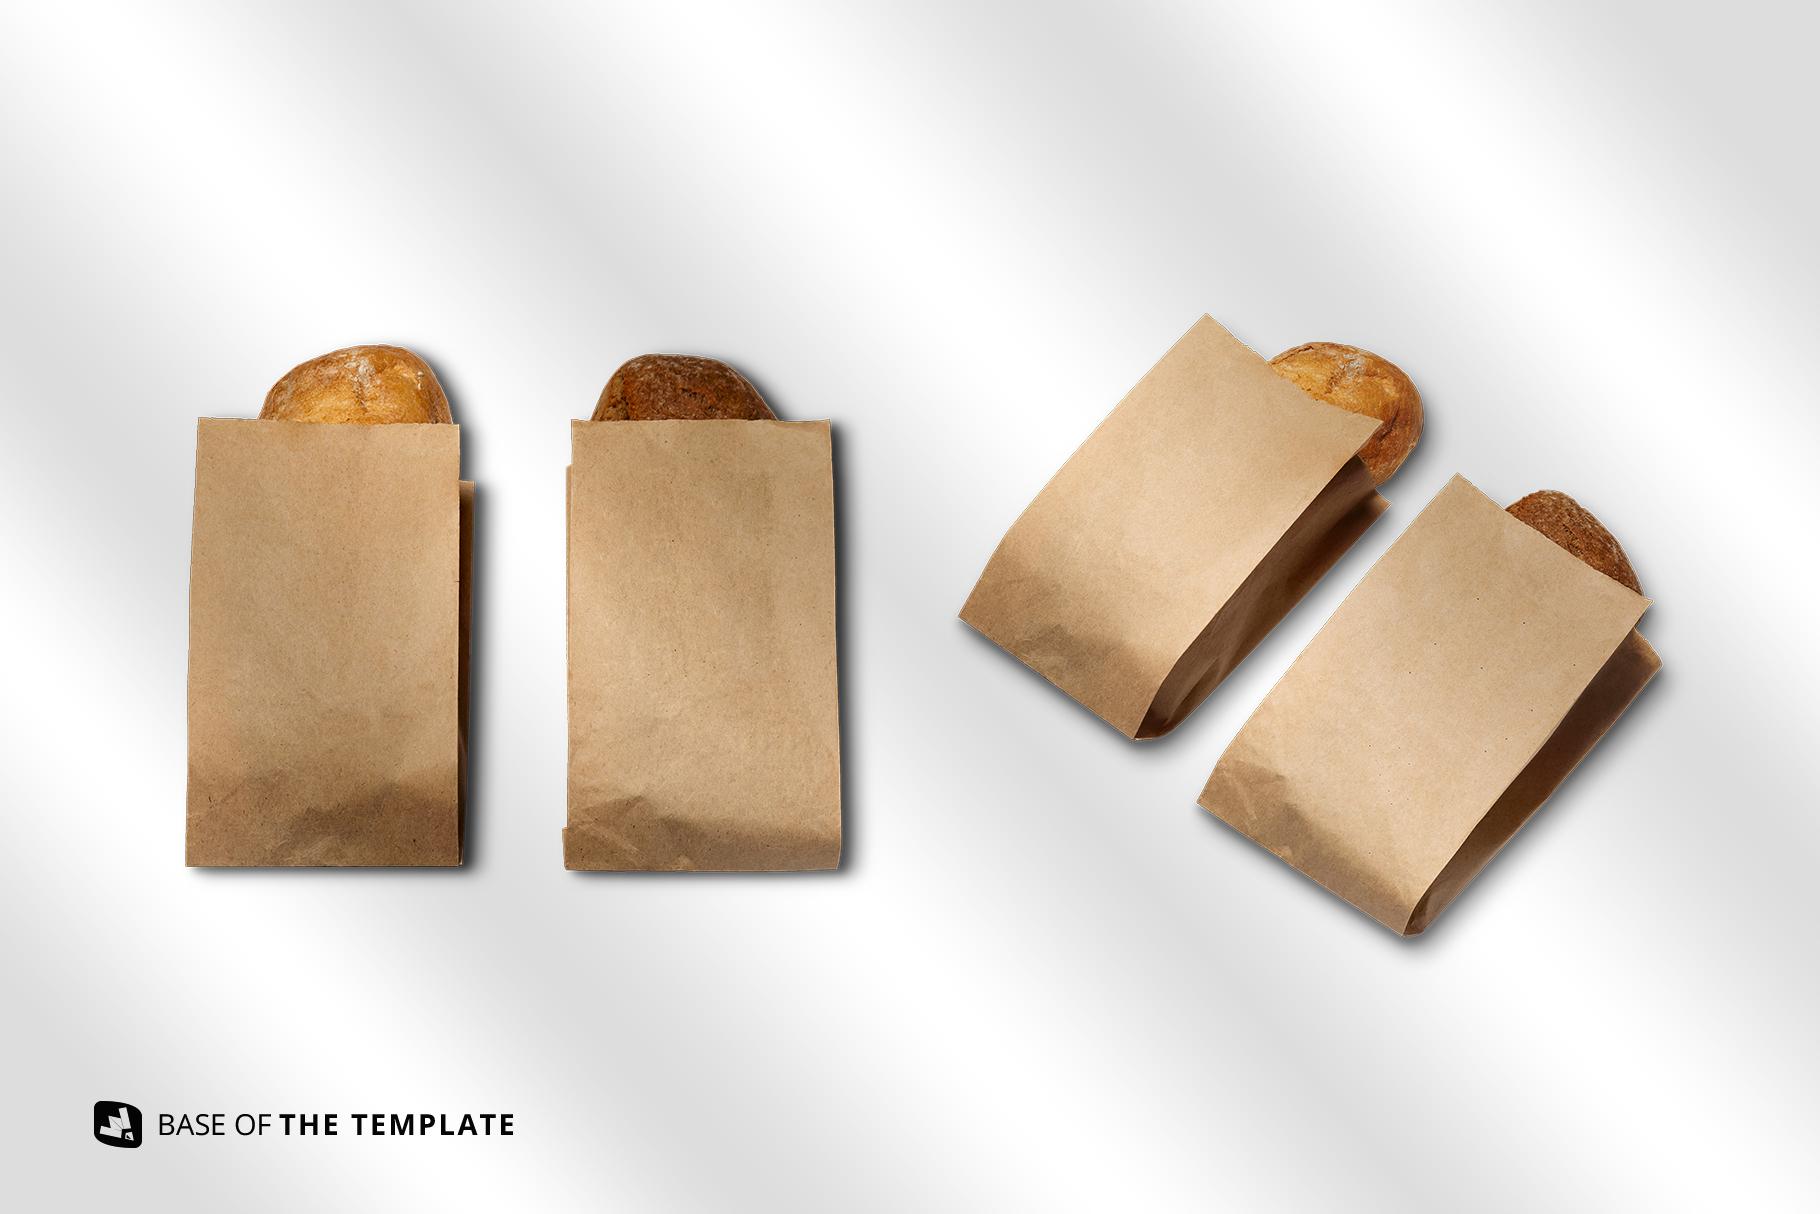 base images of the kraft paper bakery branding mockup